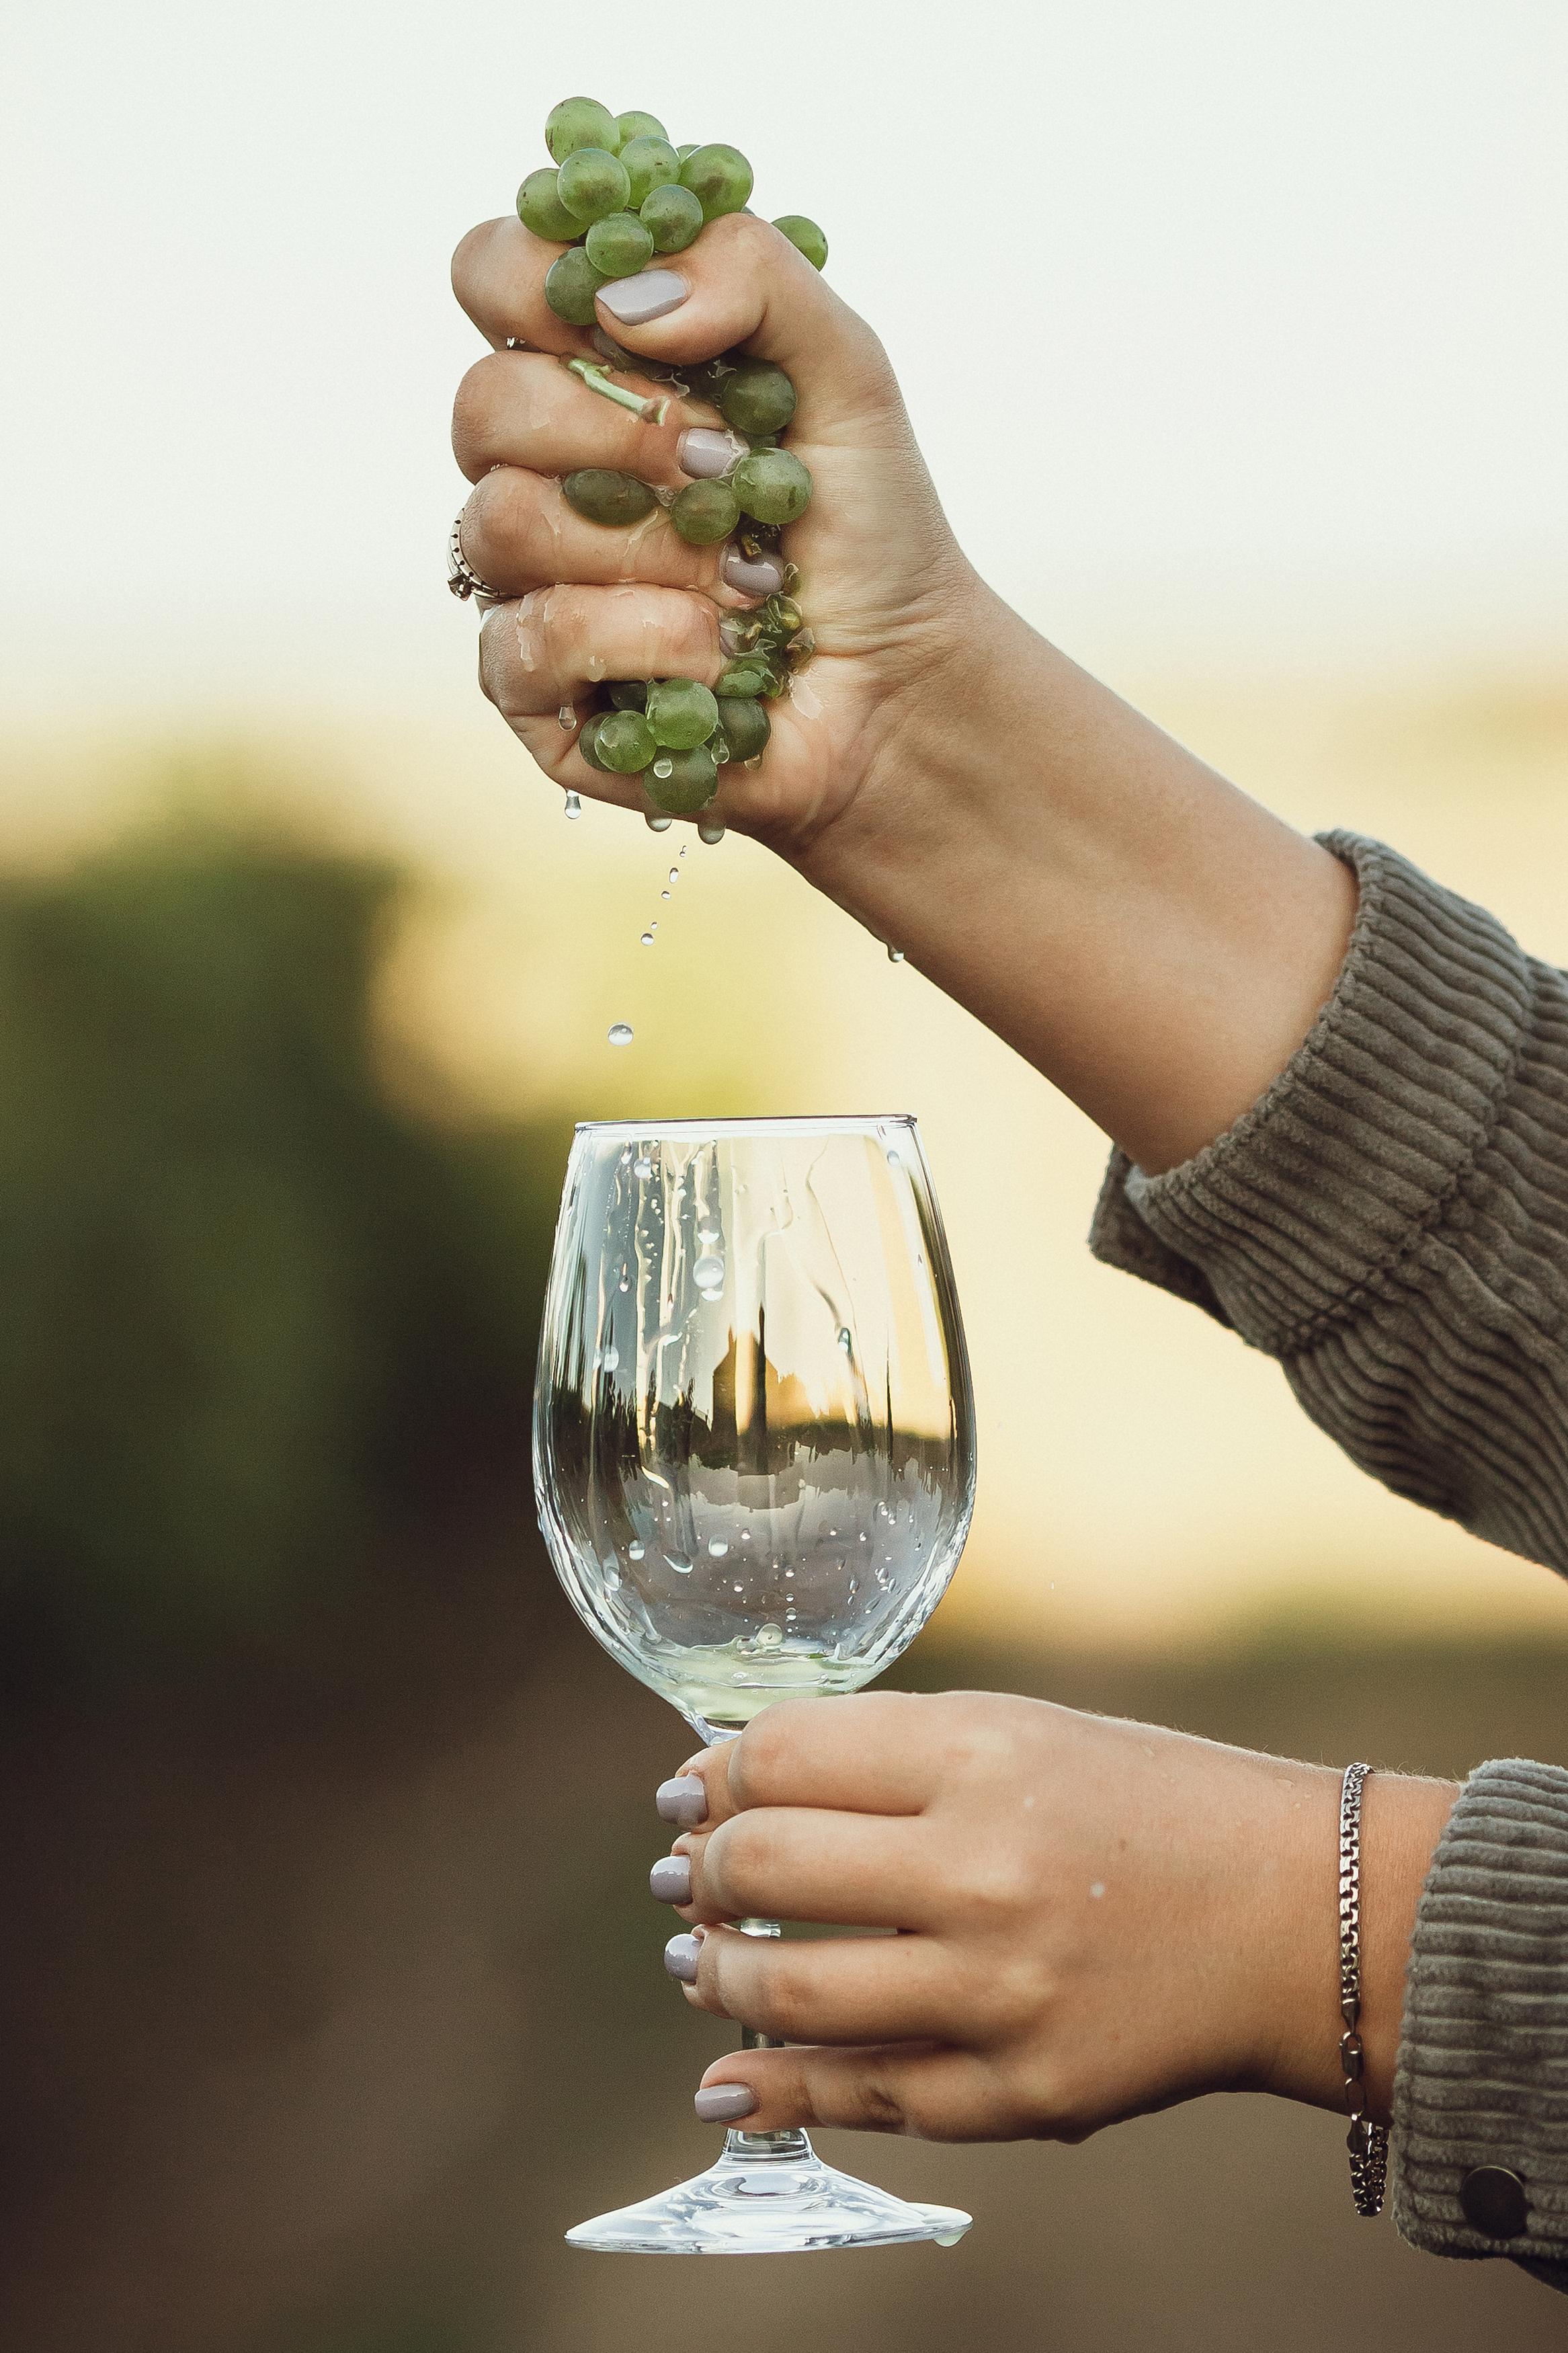 День вина и сбор урожая